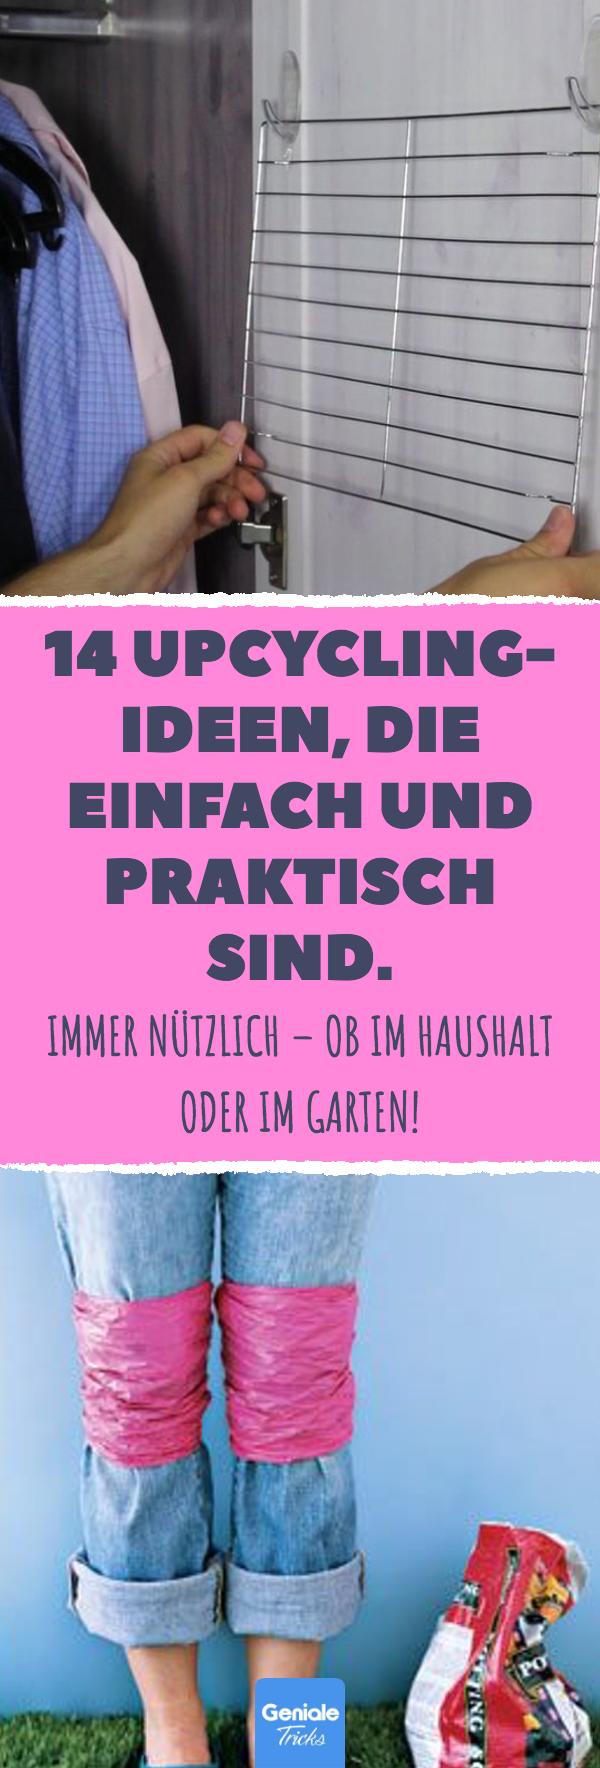 14 Upcycling- Ideen, die einfach und praktisch sind. 14 simple und praktische Upcycling-Ideen. #Upcycling #Lifehacks #Haushalt #Tricks #praktisch #Liste #gartenrecycling